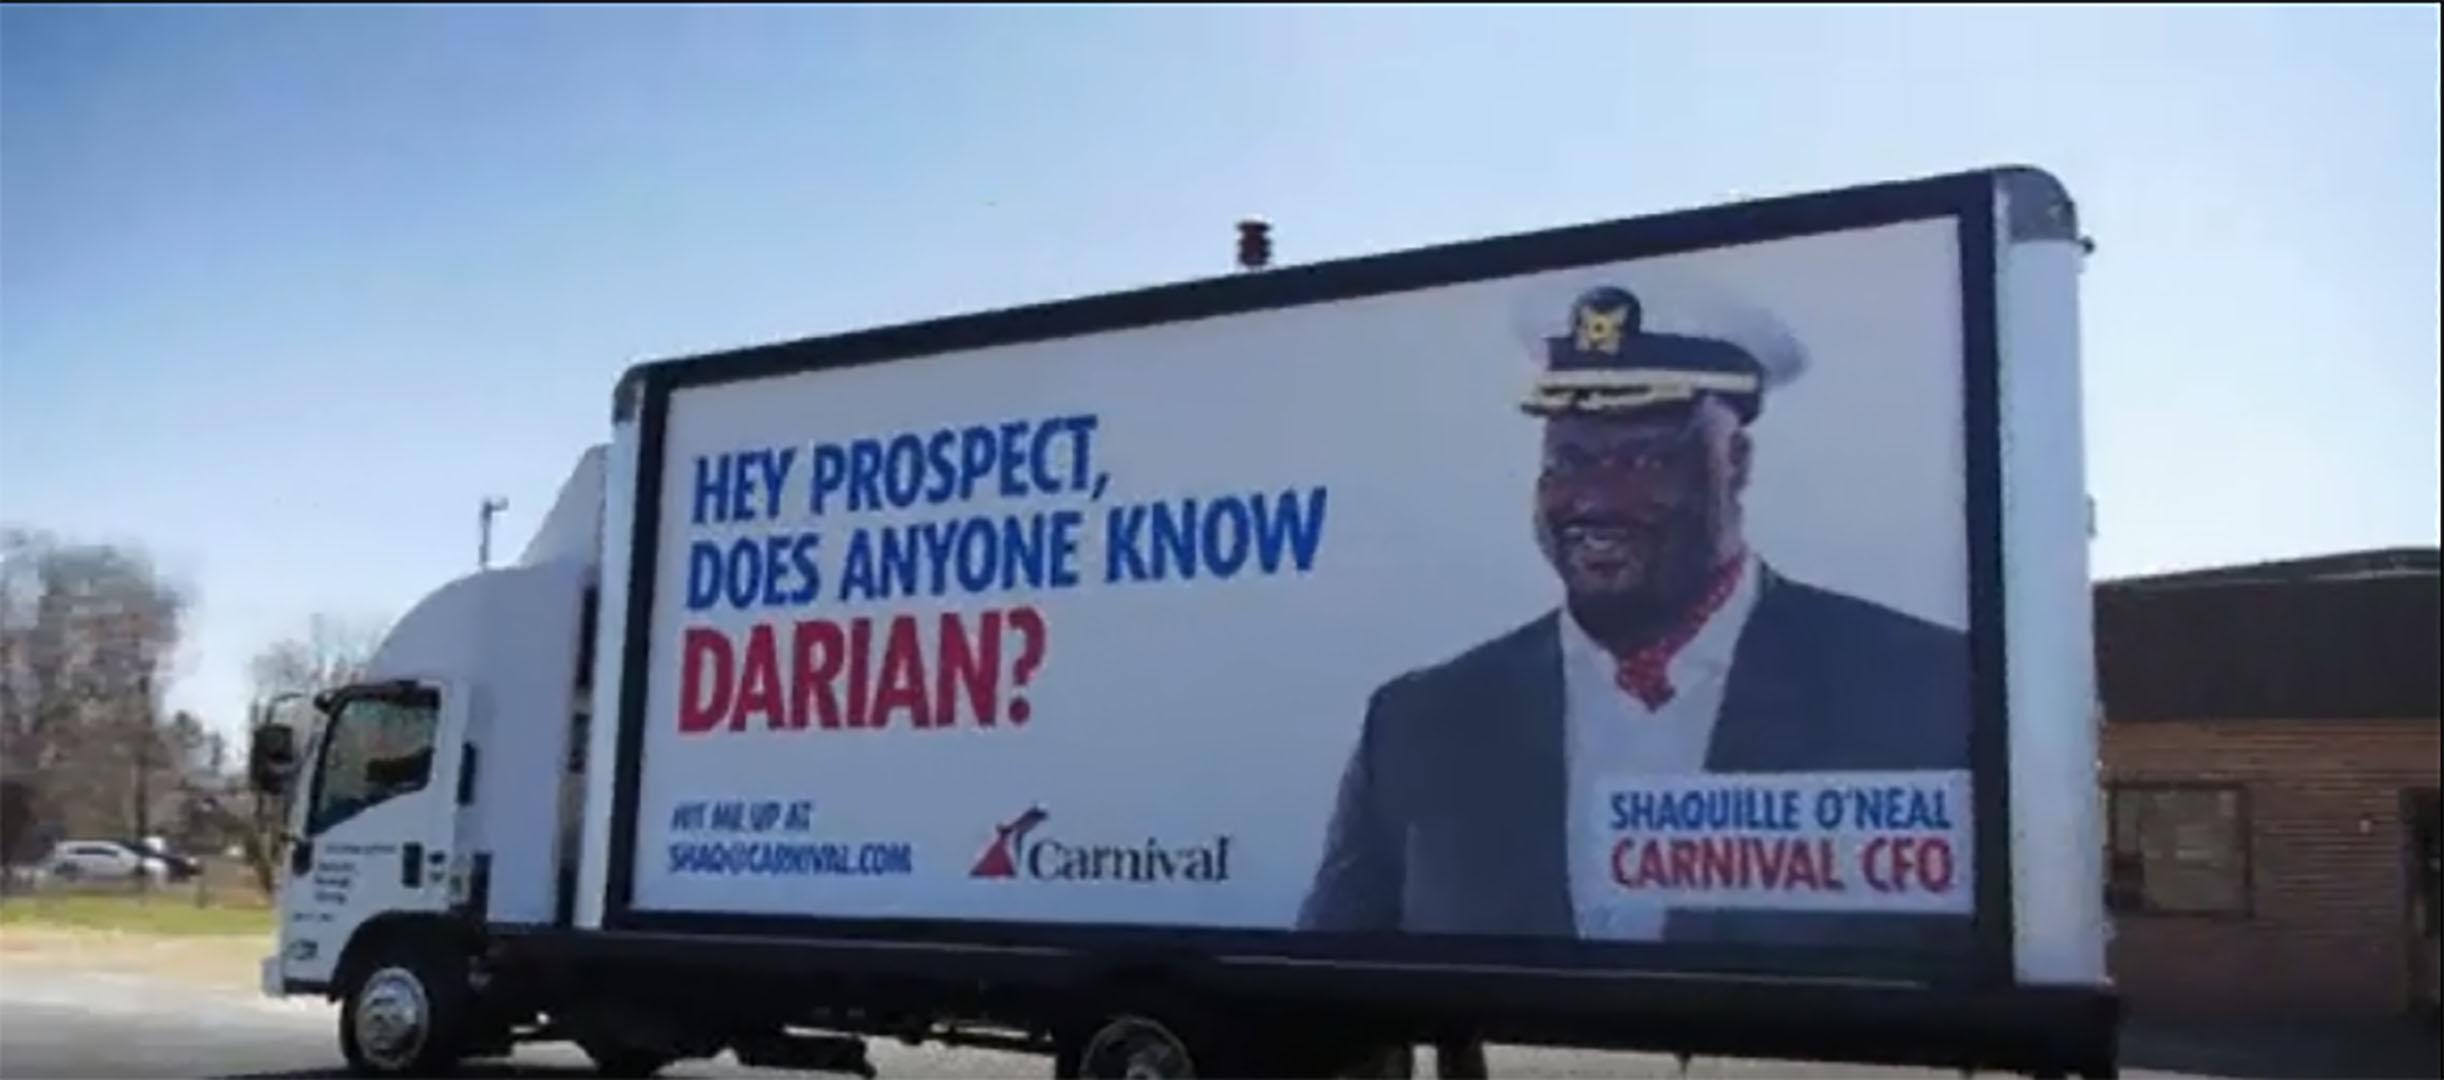 Carnival_1522540219687.jpg